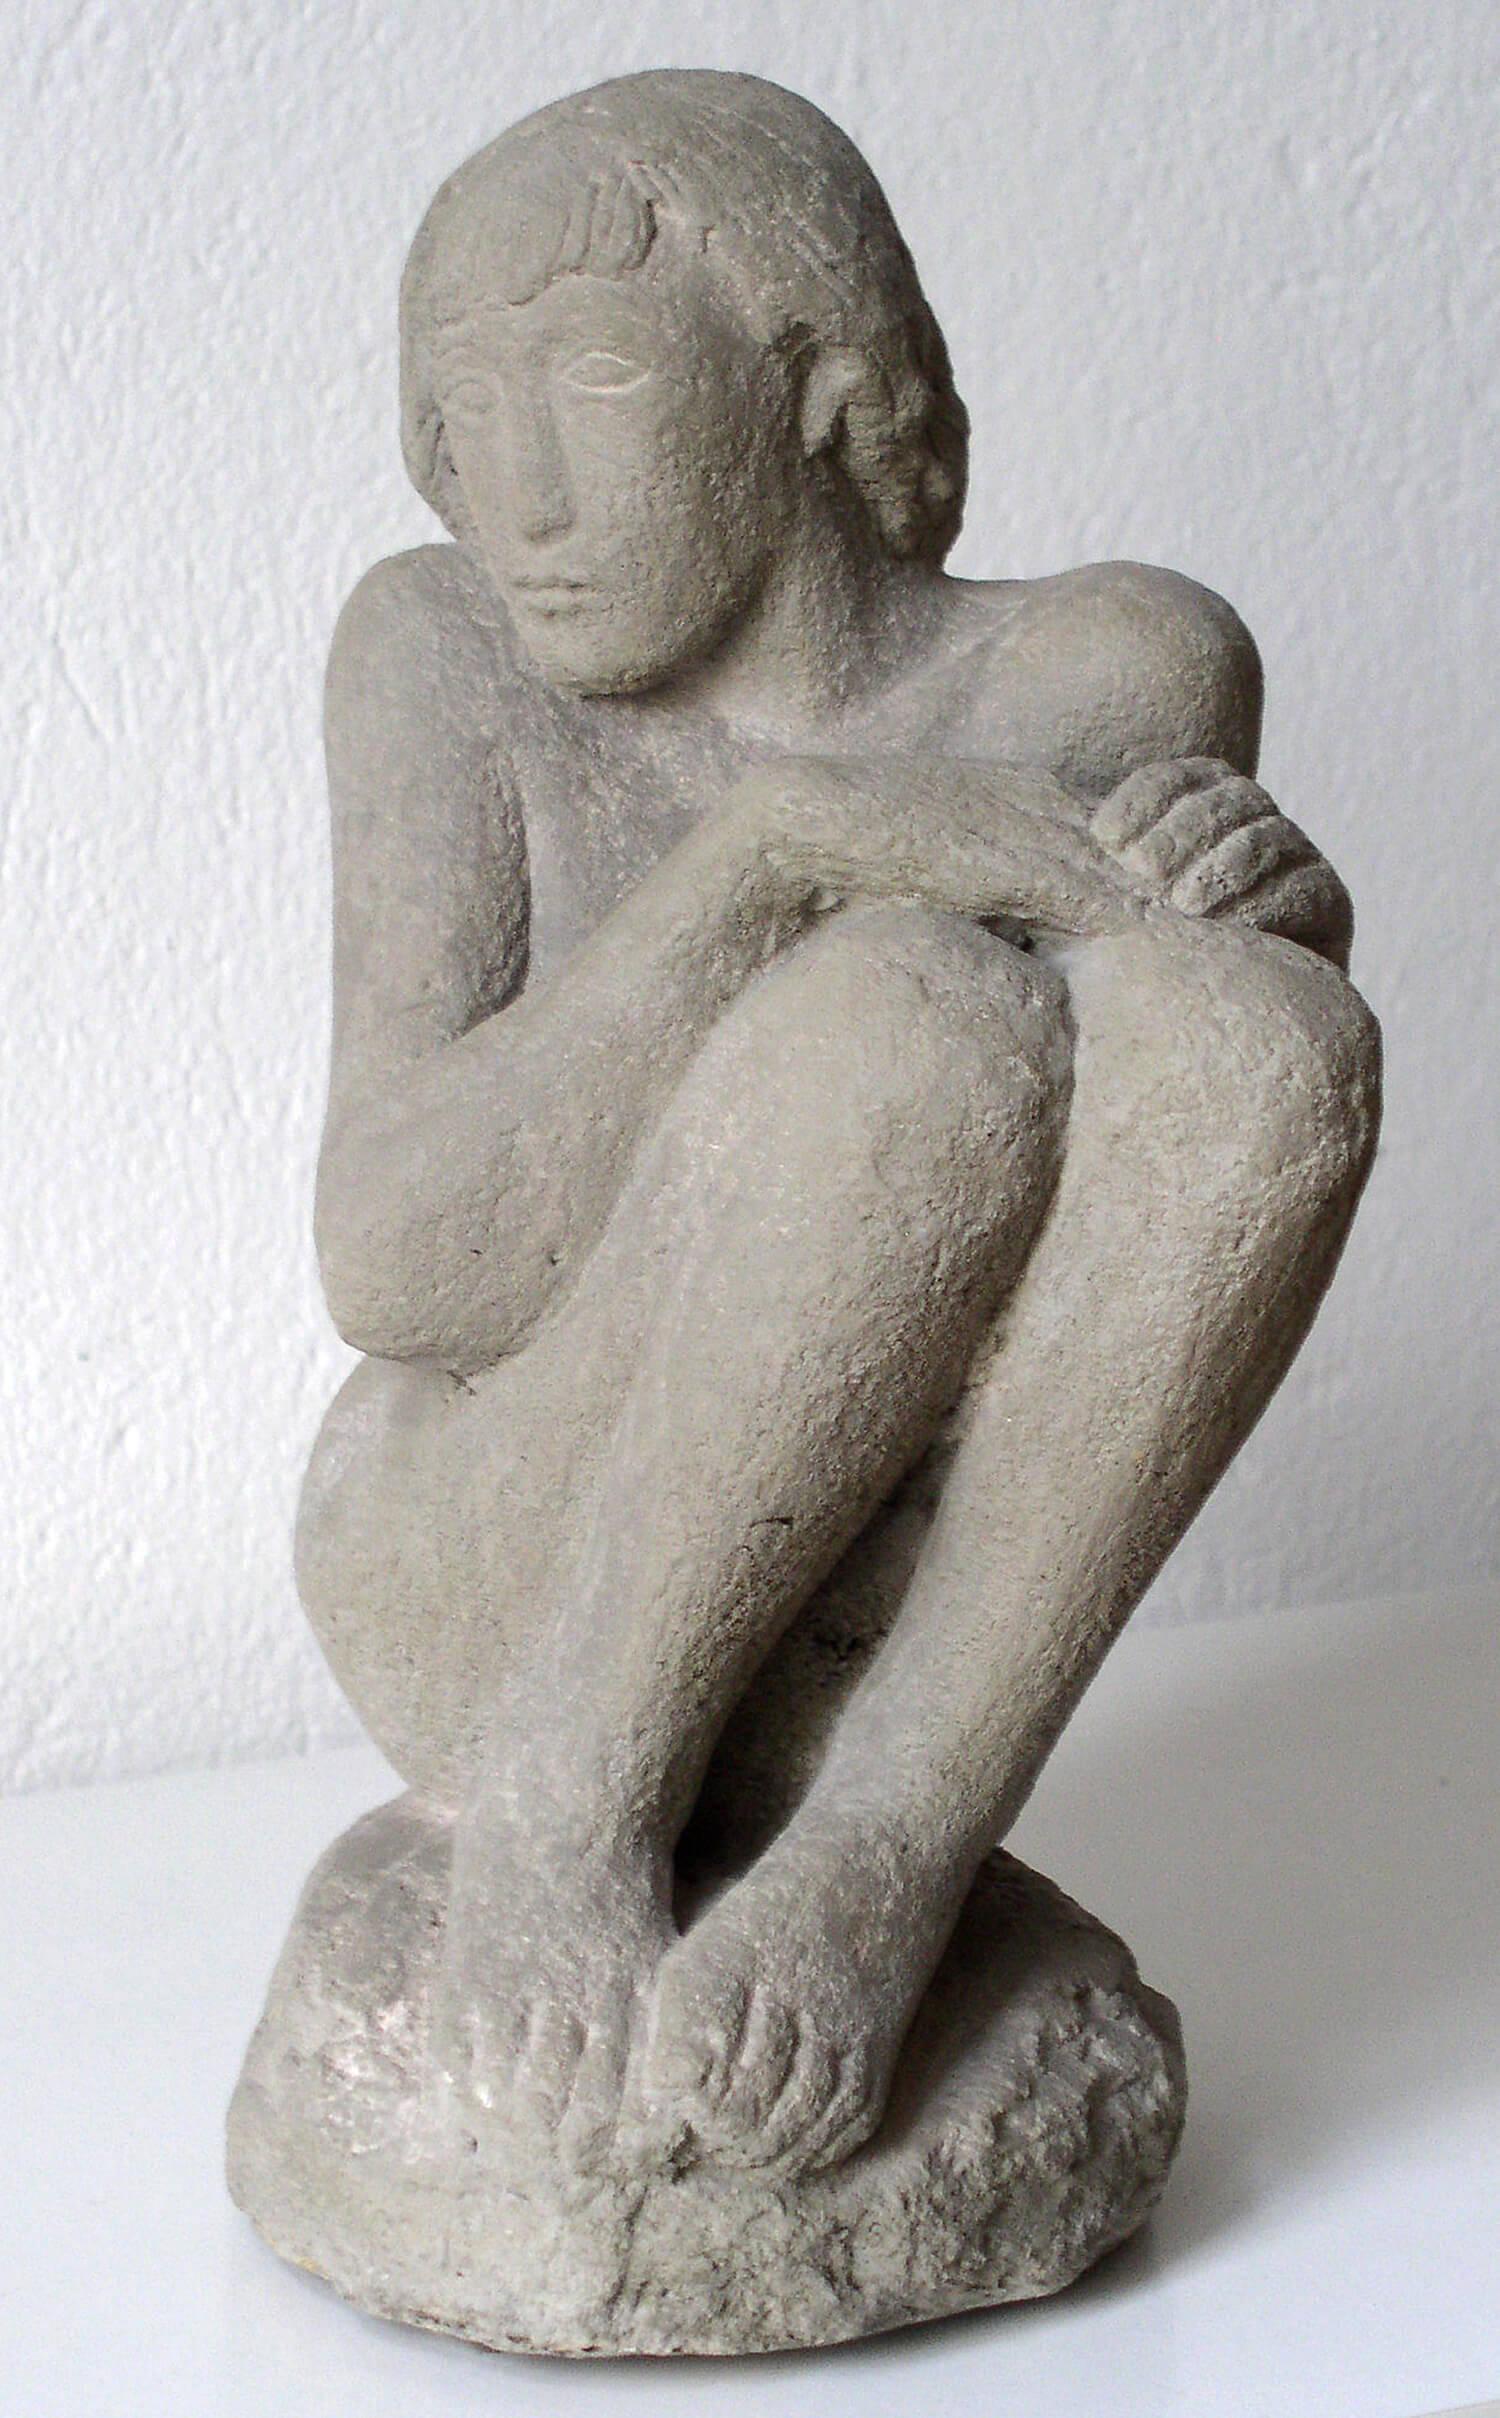 Genni / Jenny Wiegmann-Mucchi, Das kranke Mädchen, 1933, Sandstein, Höhe 33 cm, Bronzeguss möglich